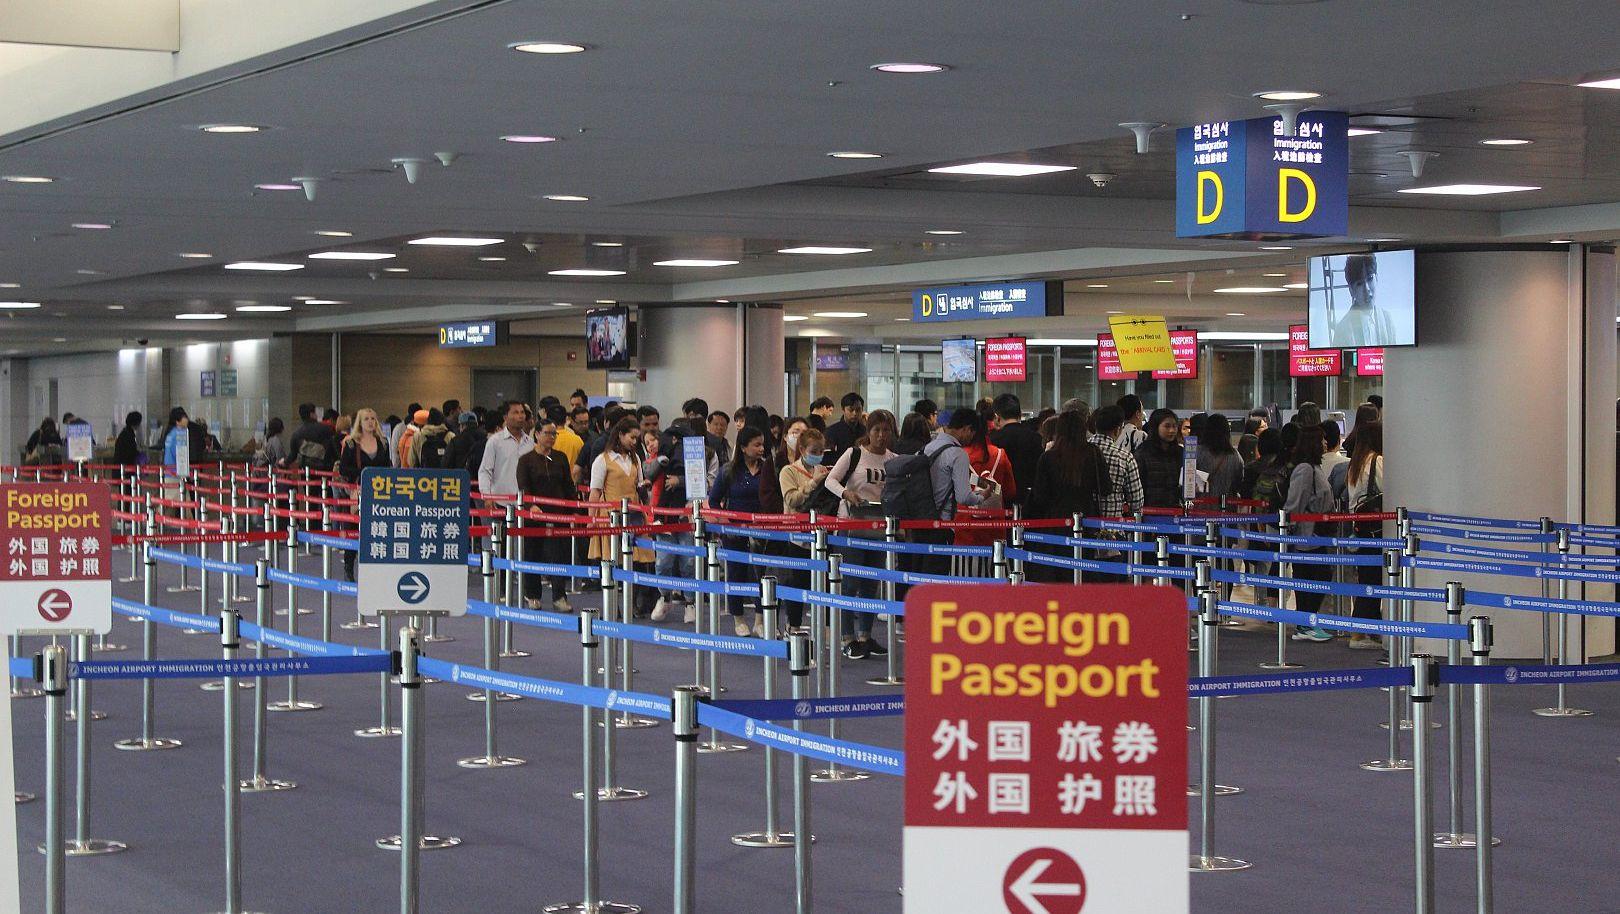 Нужна ли виза в Южную Корею — в 2021 году, сроки пребывания в стране, подать и получить документы, оформление